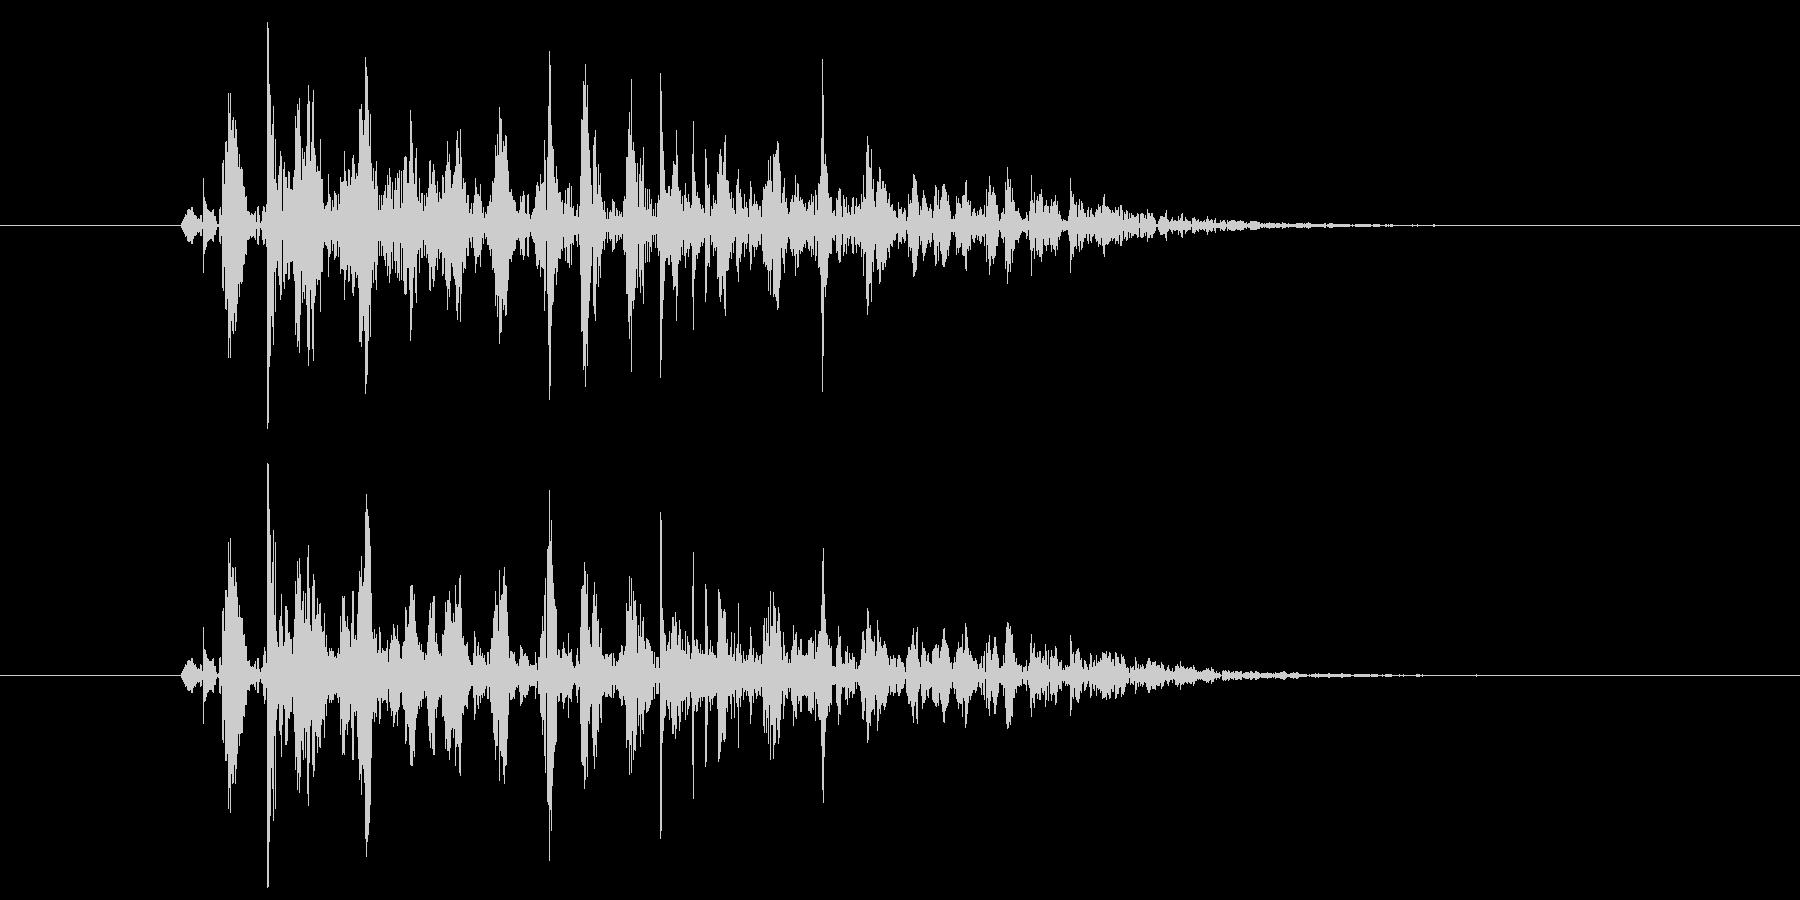 ブクブク(泡のような音) A01の未再生の波形